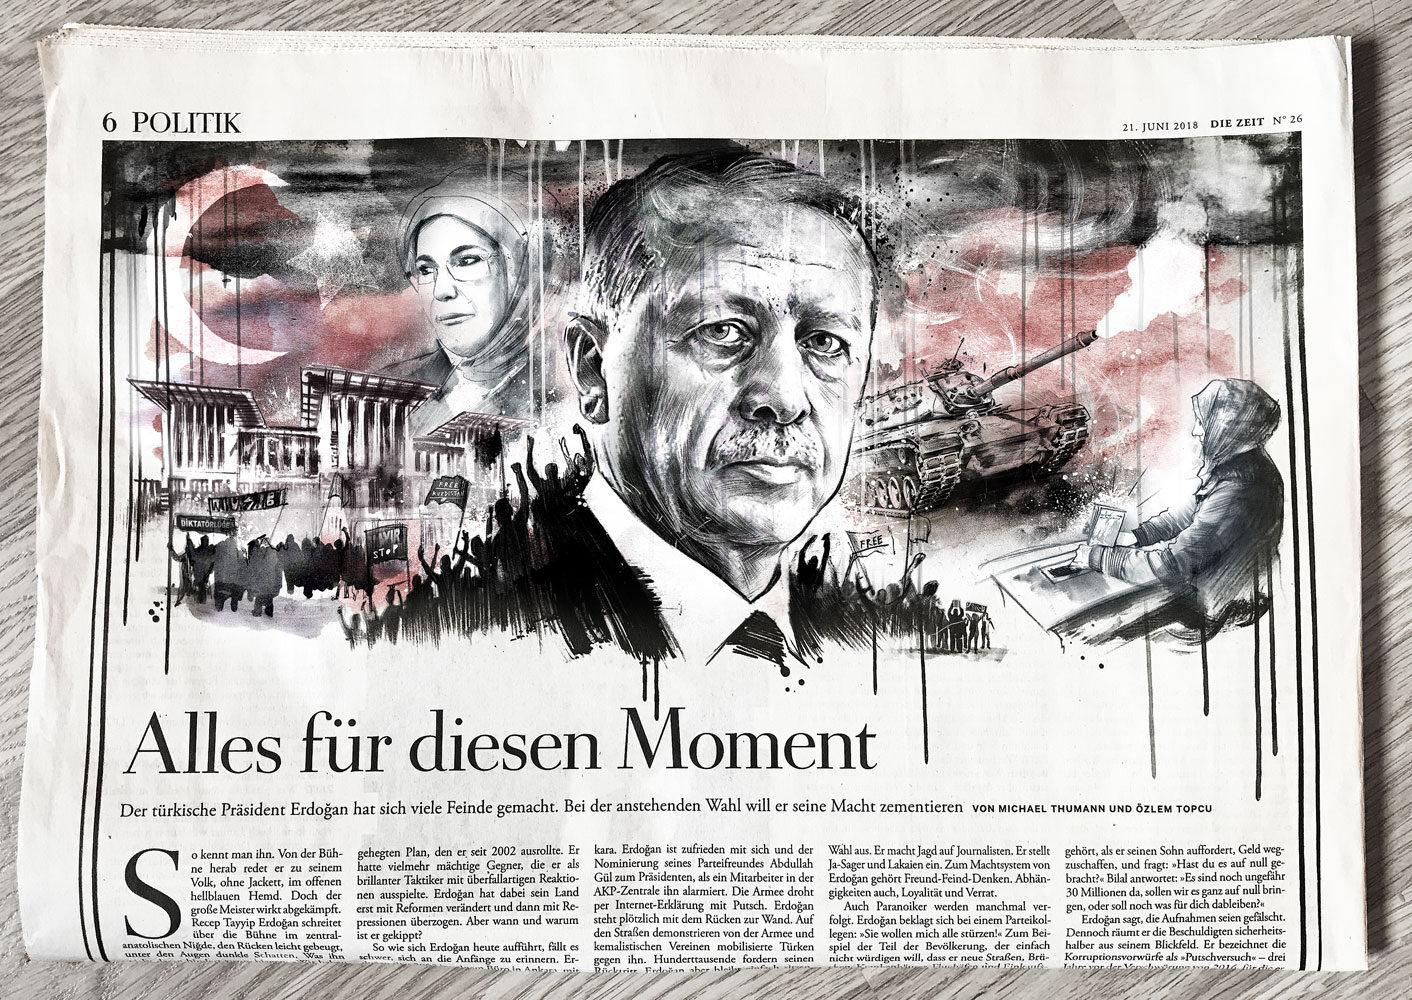 Erdogan Die Zeit - Kornel Illustration | Kornel Stadler portfolio